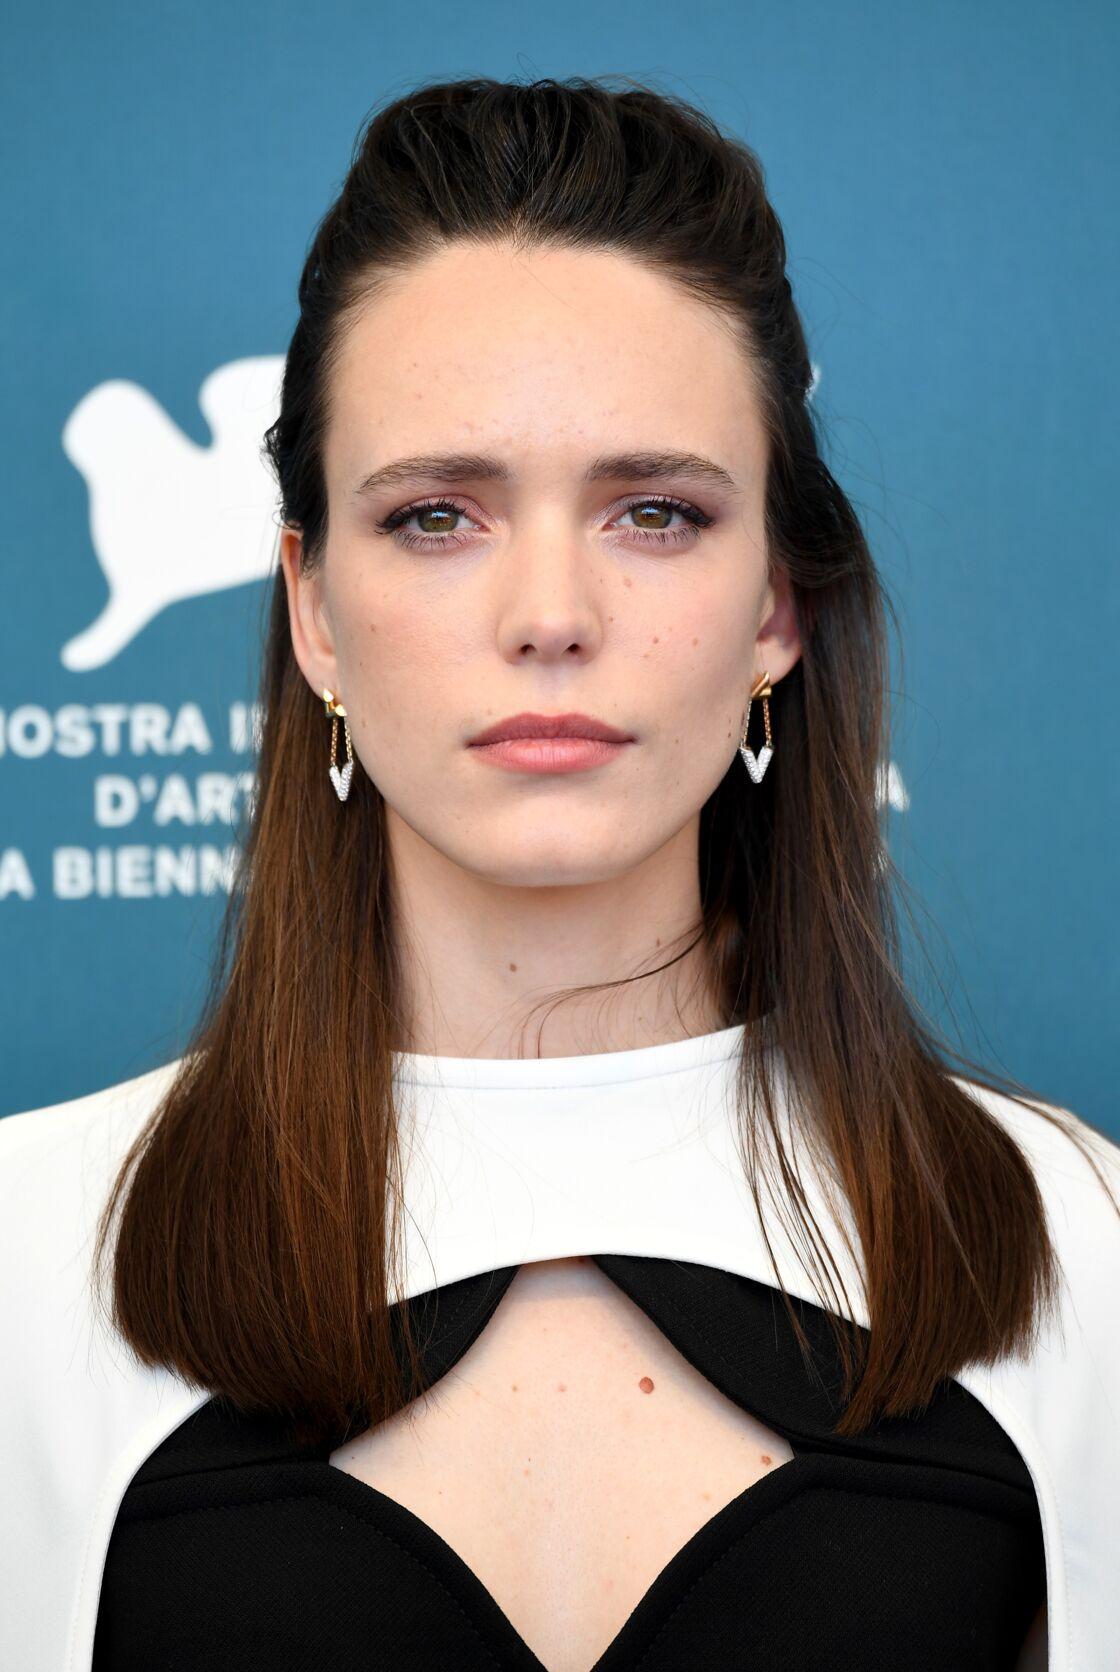 Lors du 77e Festival du Film de Venise Stacy Martin porte des boucles d'oreilles en or et diamants de la collection LV Volt Joaillerie Louis Vuitton.